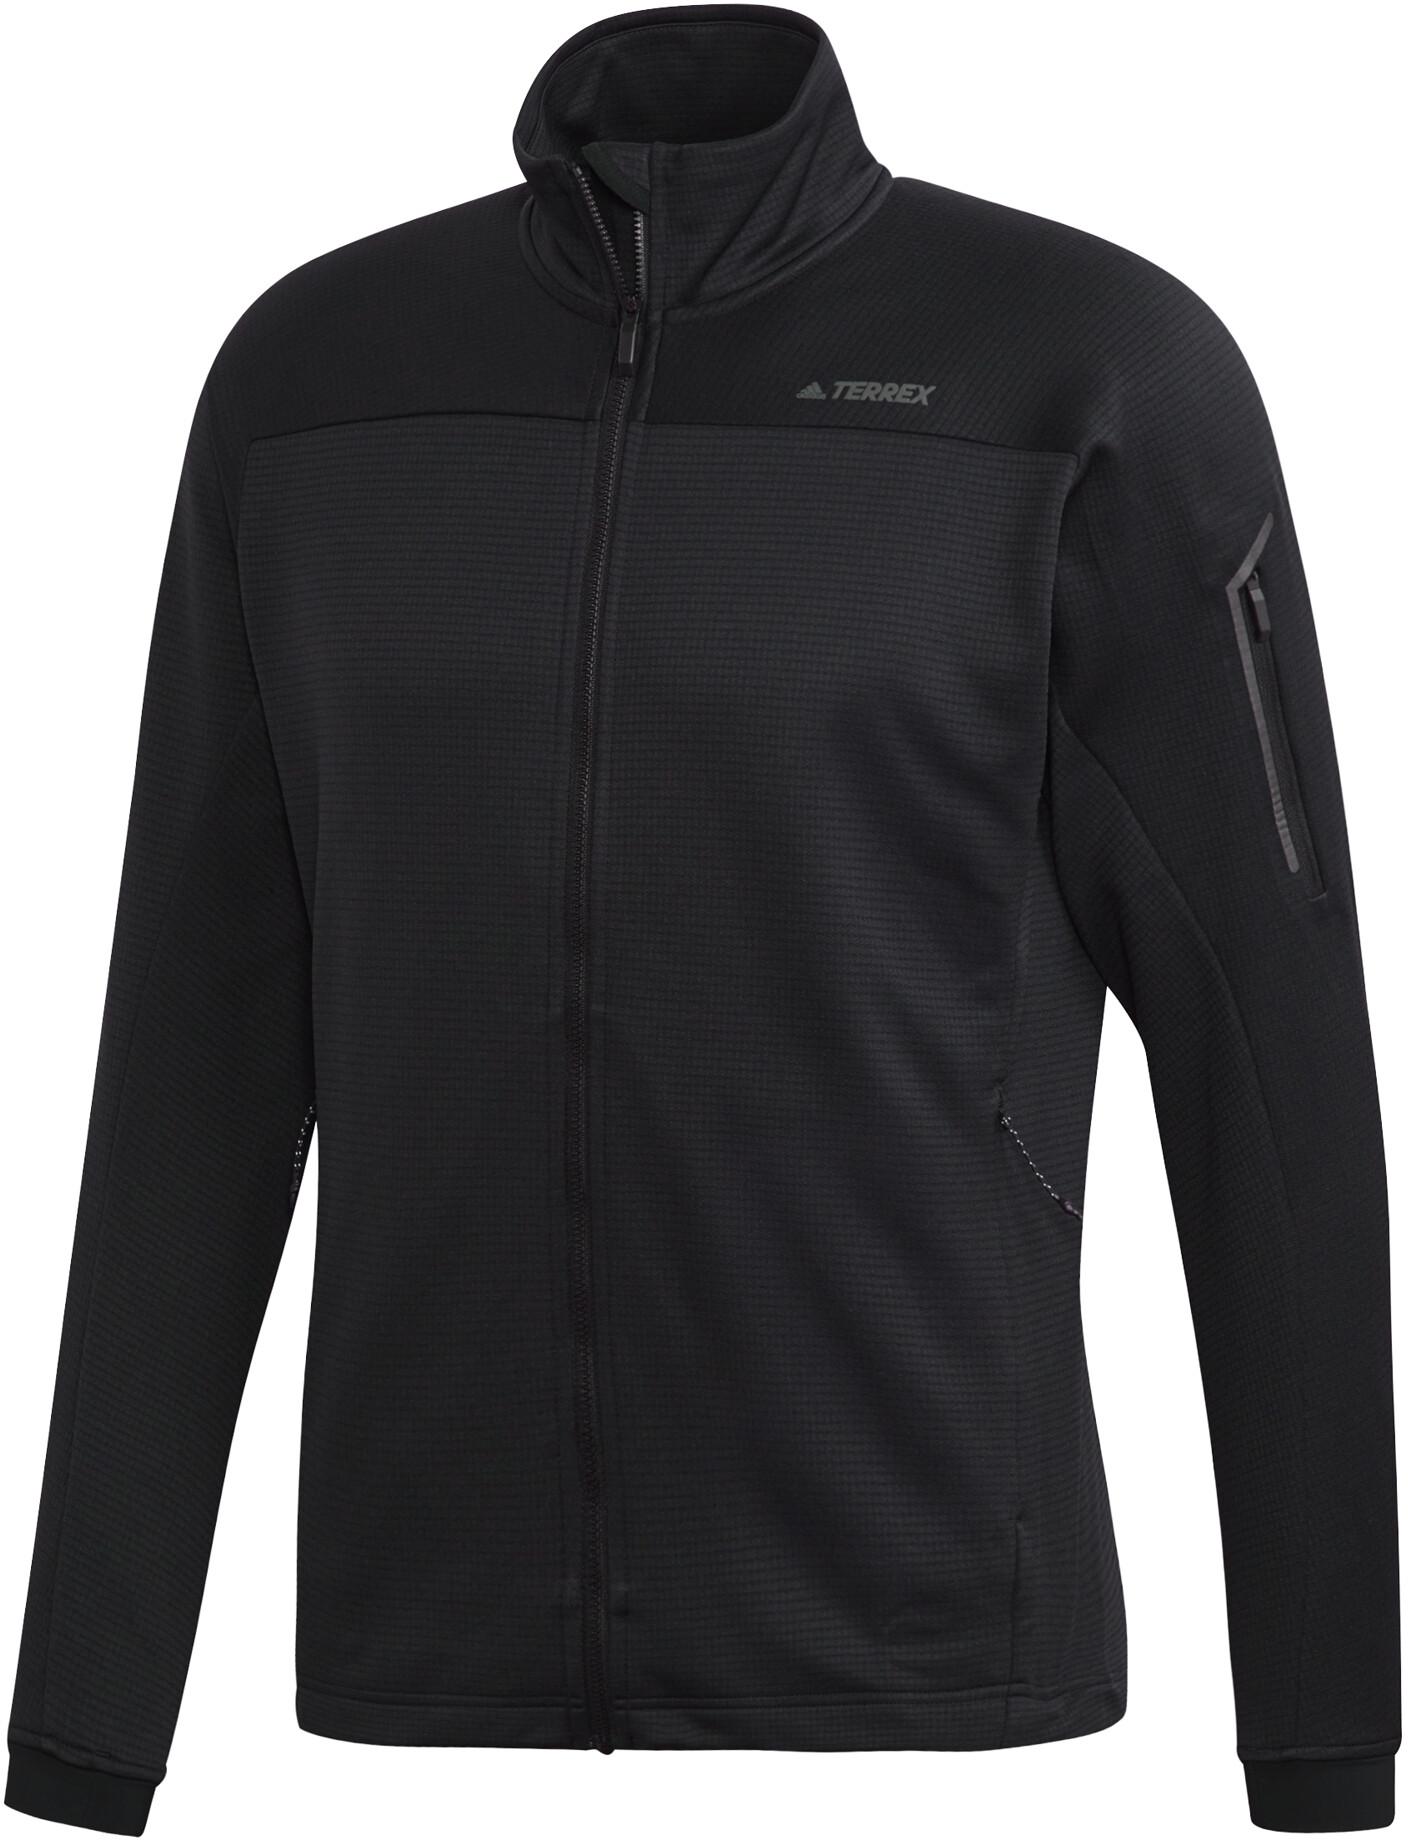 aa77d924 adidas TERREX Stockhorn Jakke Herrer, black | Find outdoortøj, sko ...